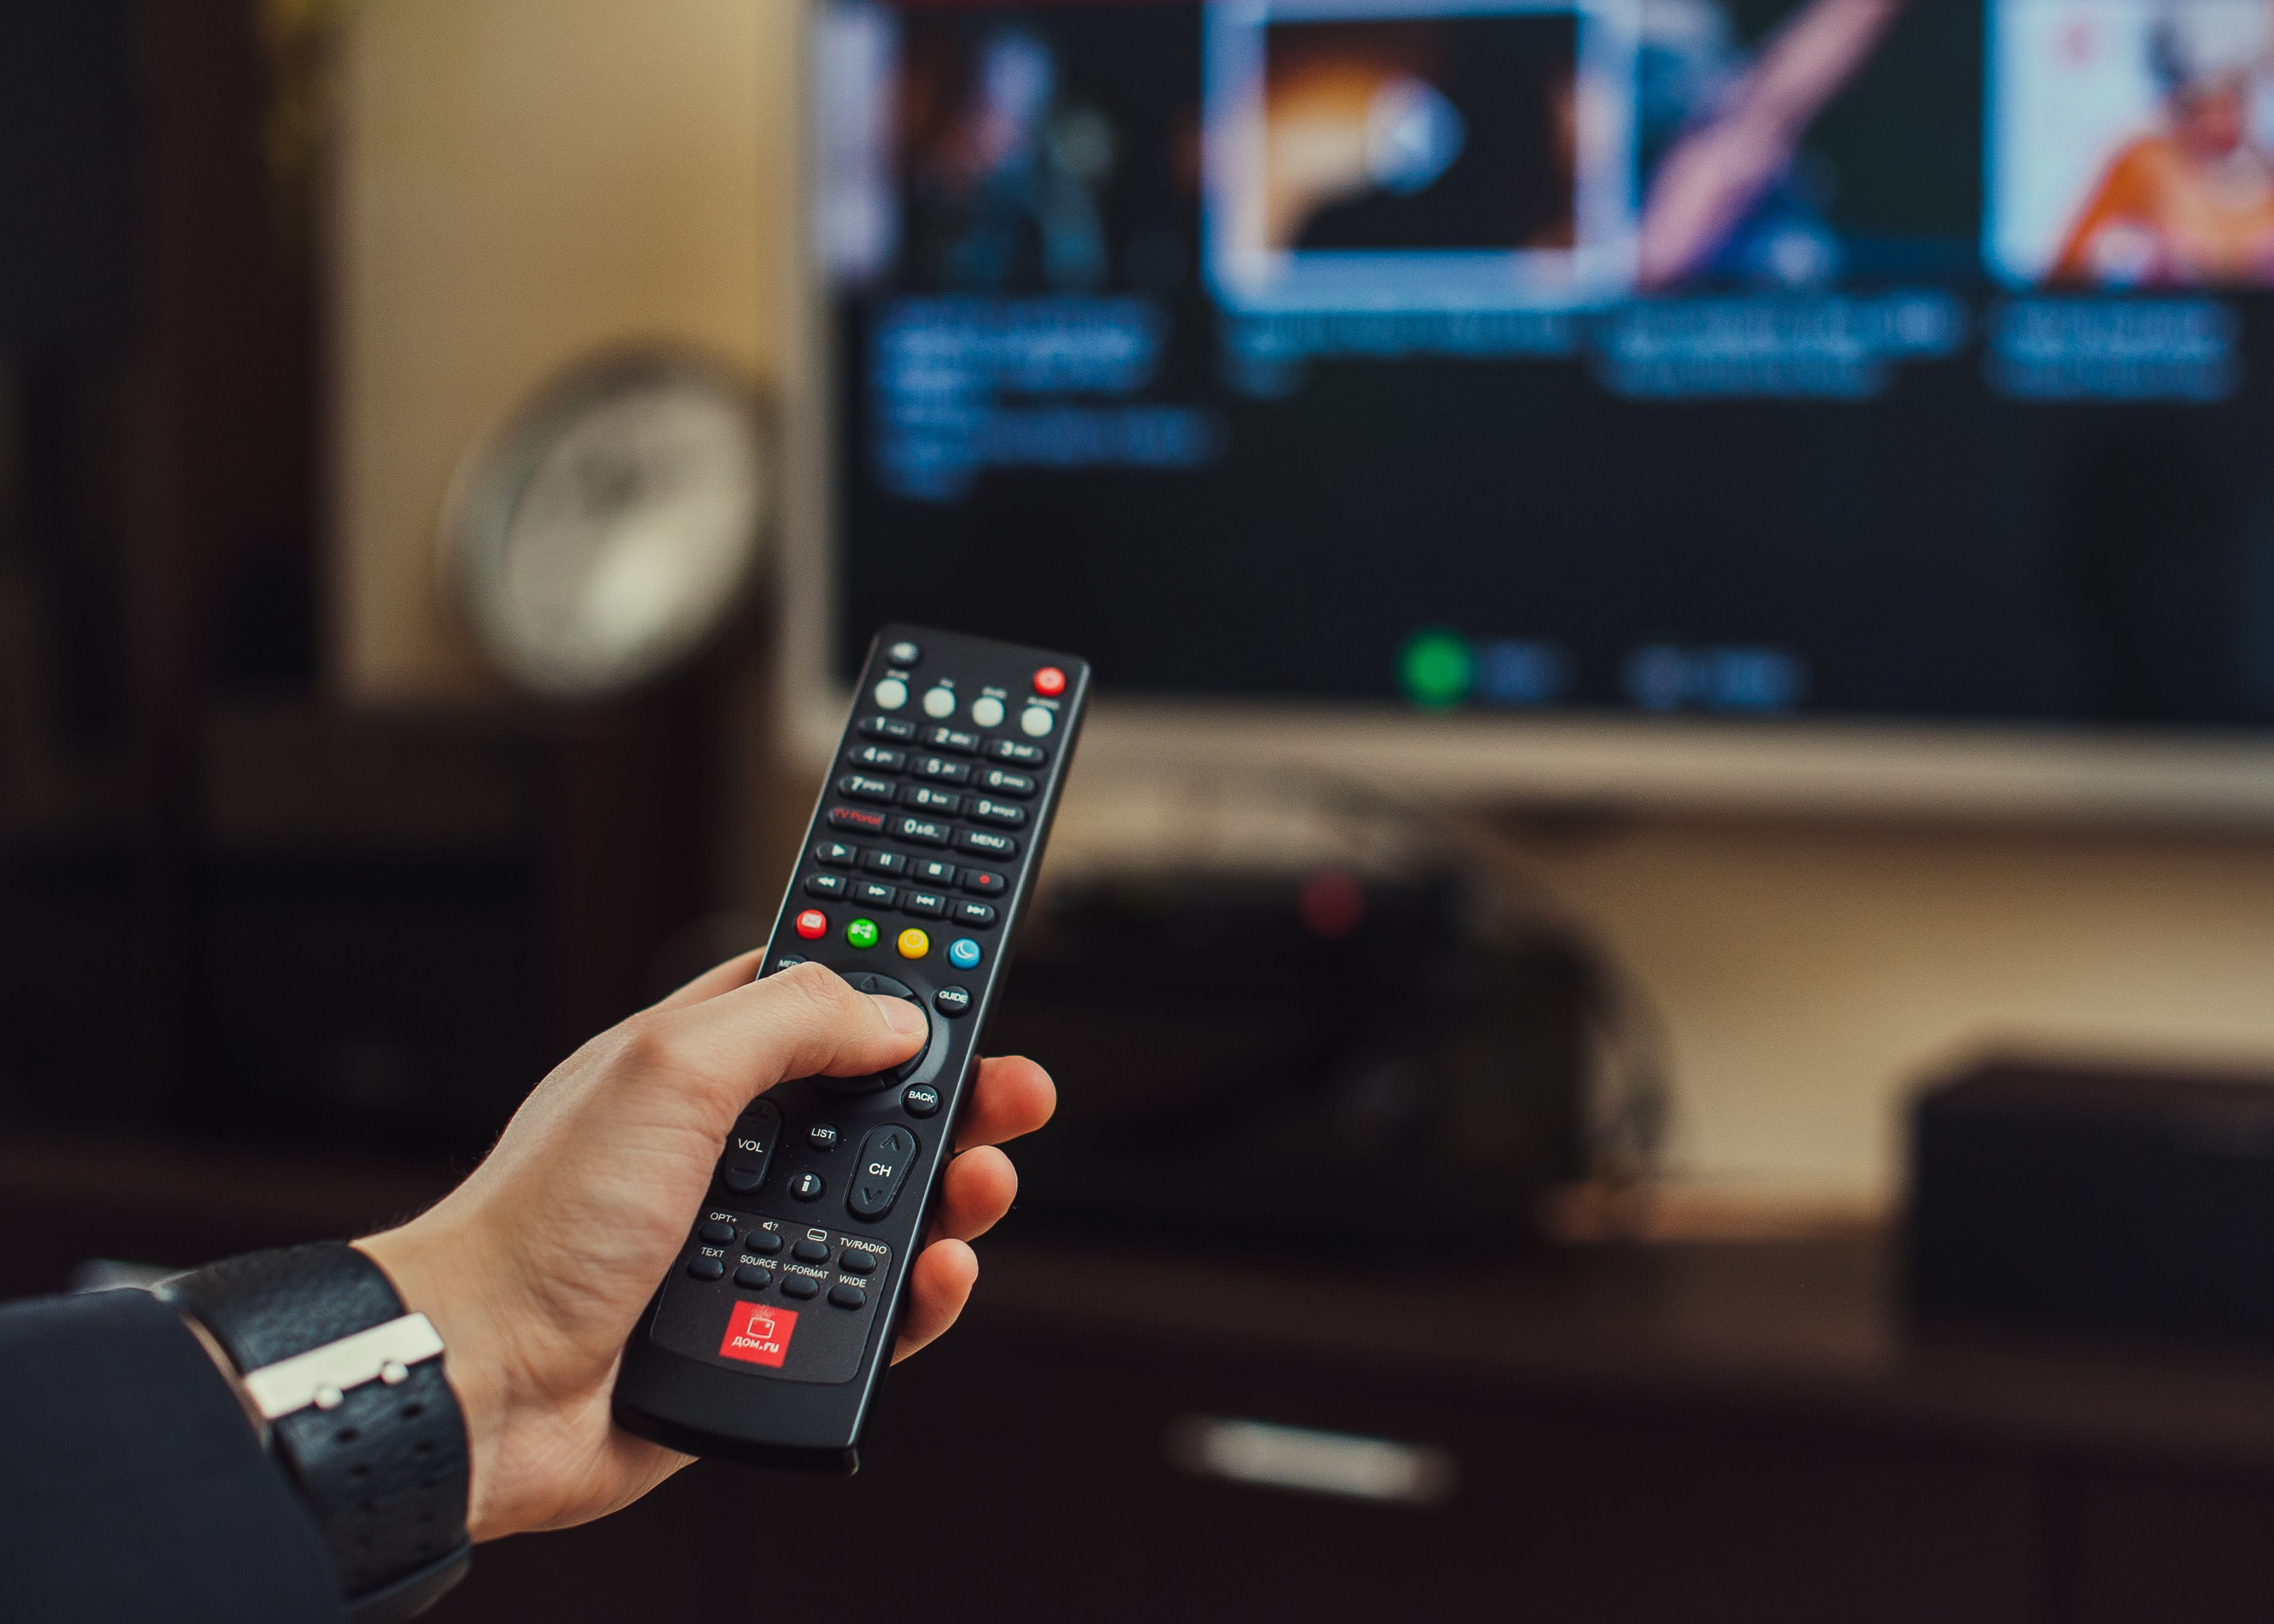 В Узбекистане начала свою деятельность негосударственная телерадиокомпания